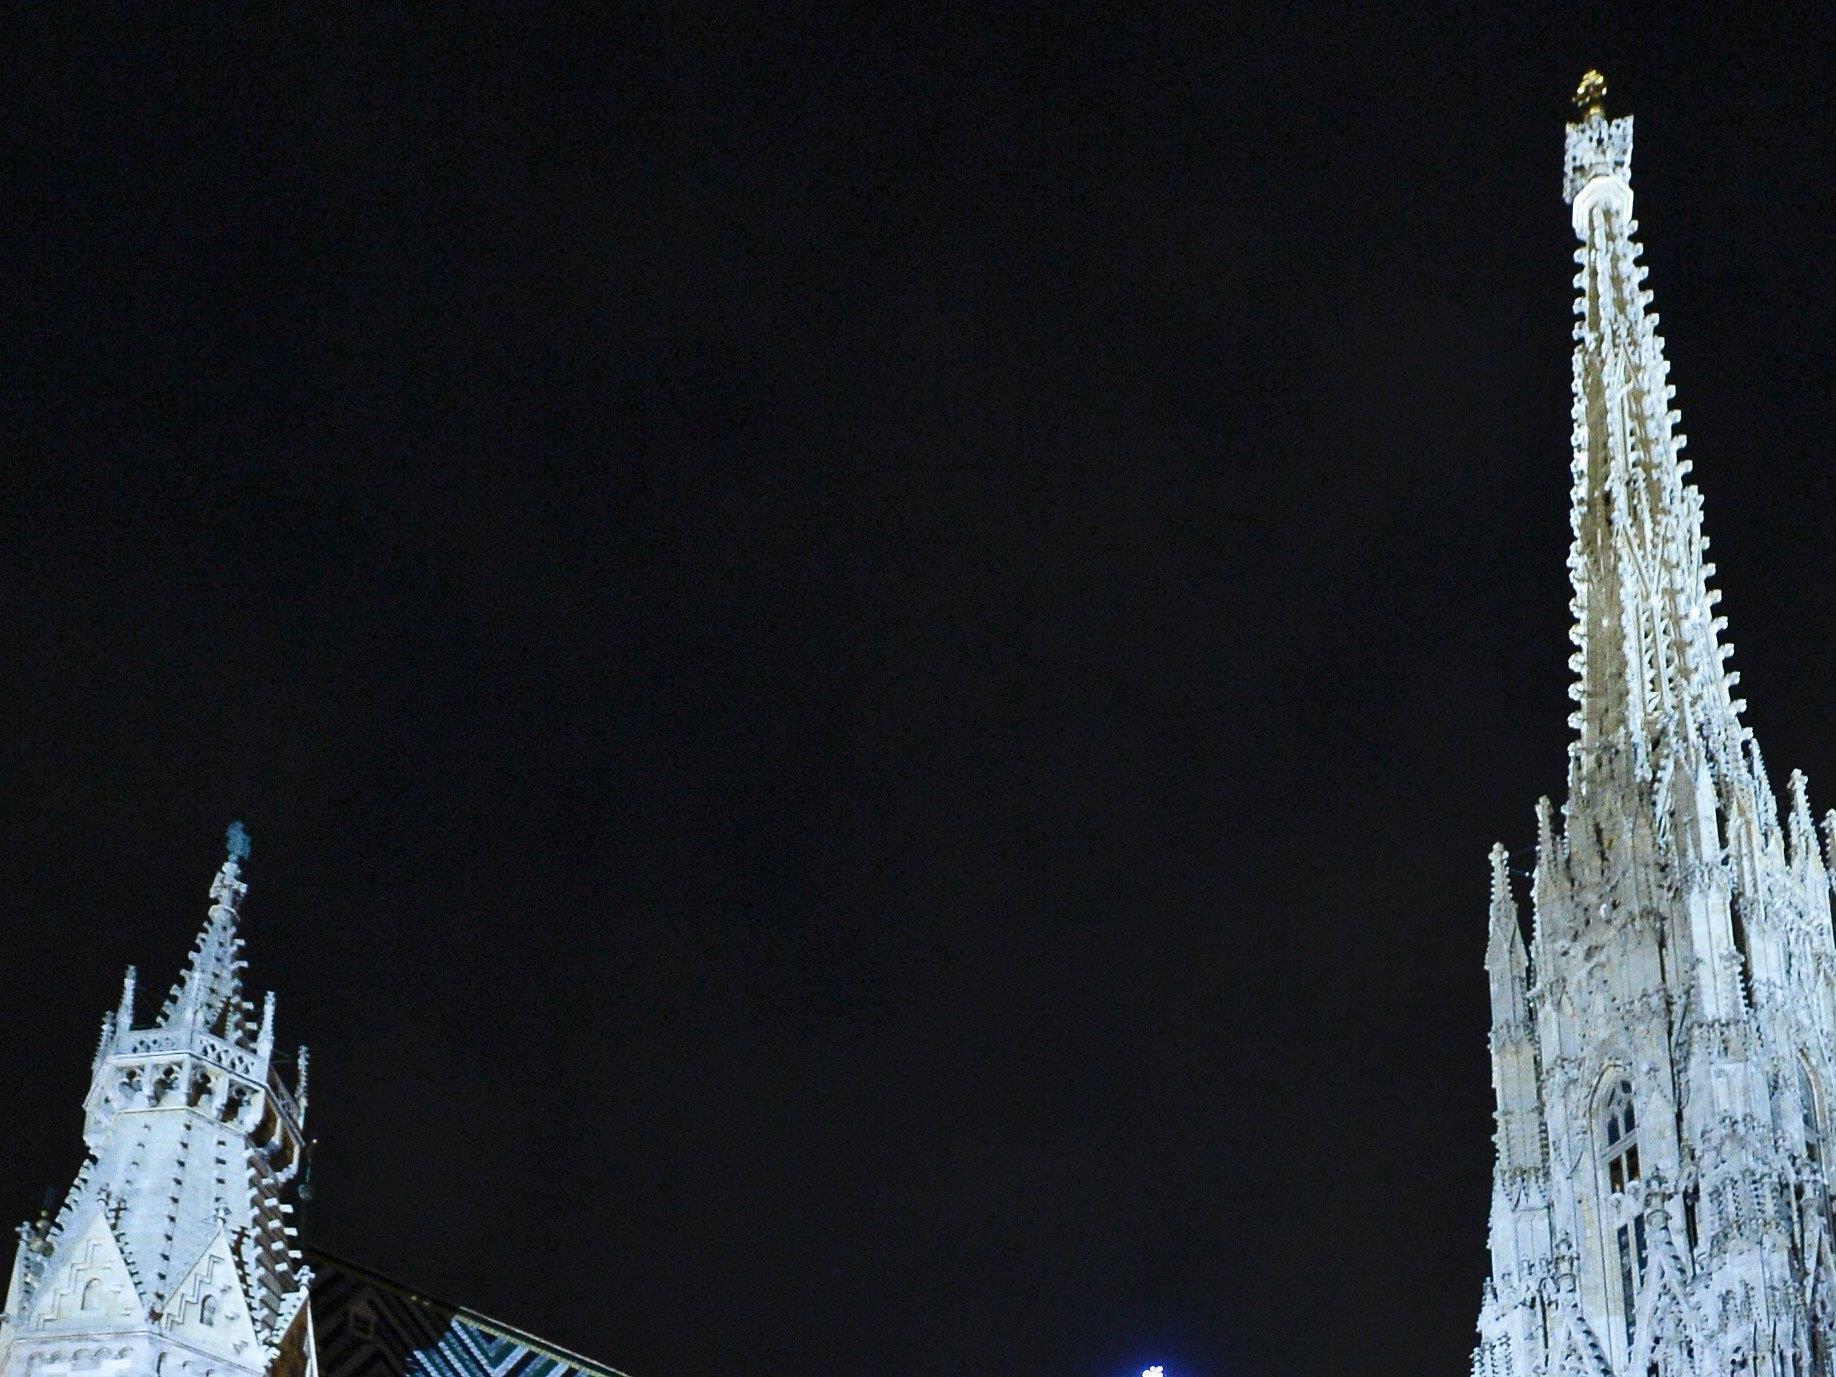 In der Wiener Innenstadt wurde die heißeste Mai-Nacht gemessen.